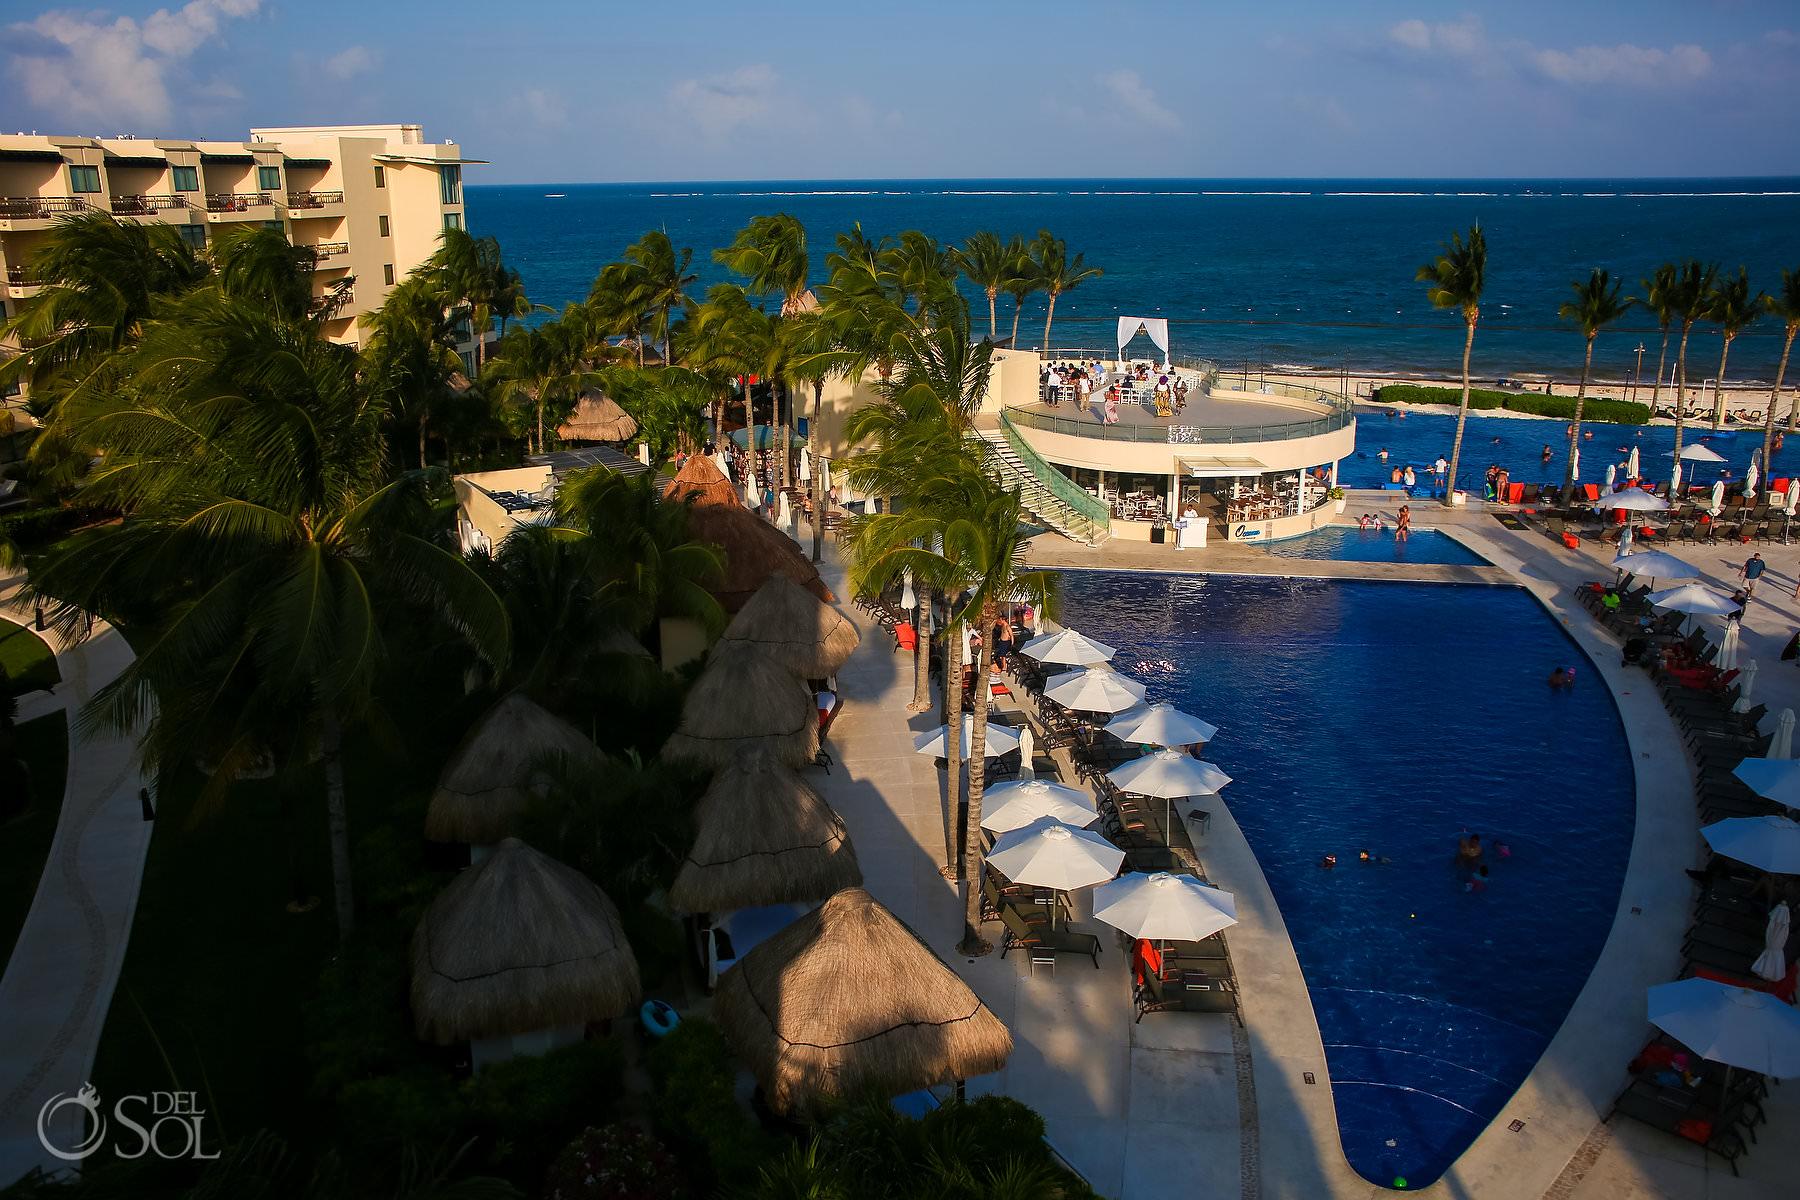 Dreams Riviera Cancun Oceana Rooftop Wedding venue location areal photo